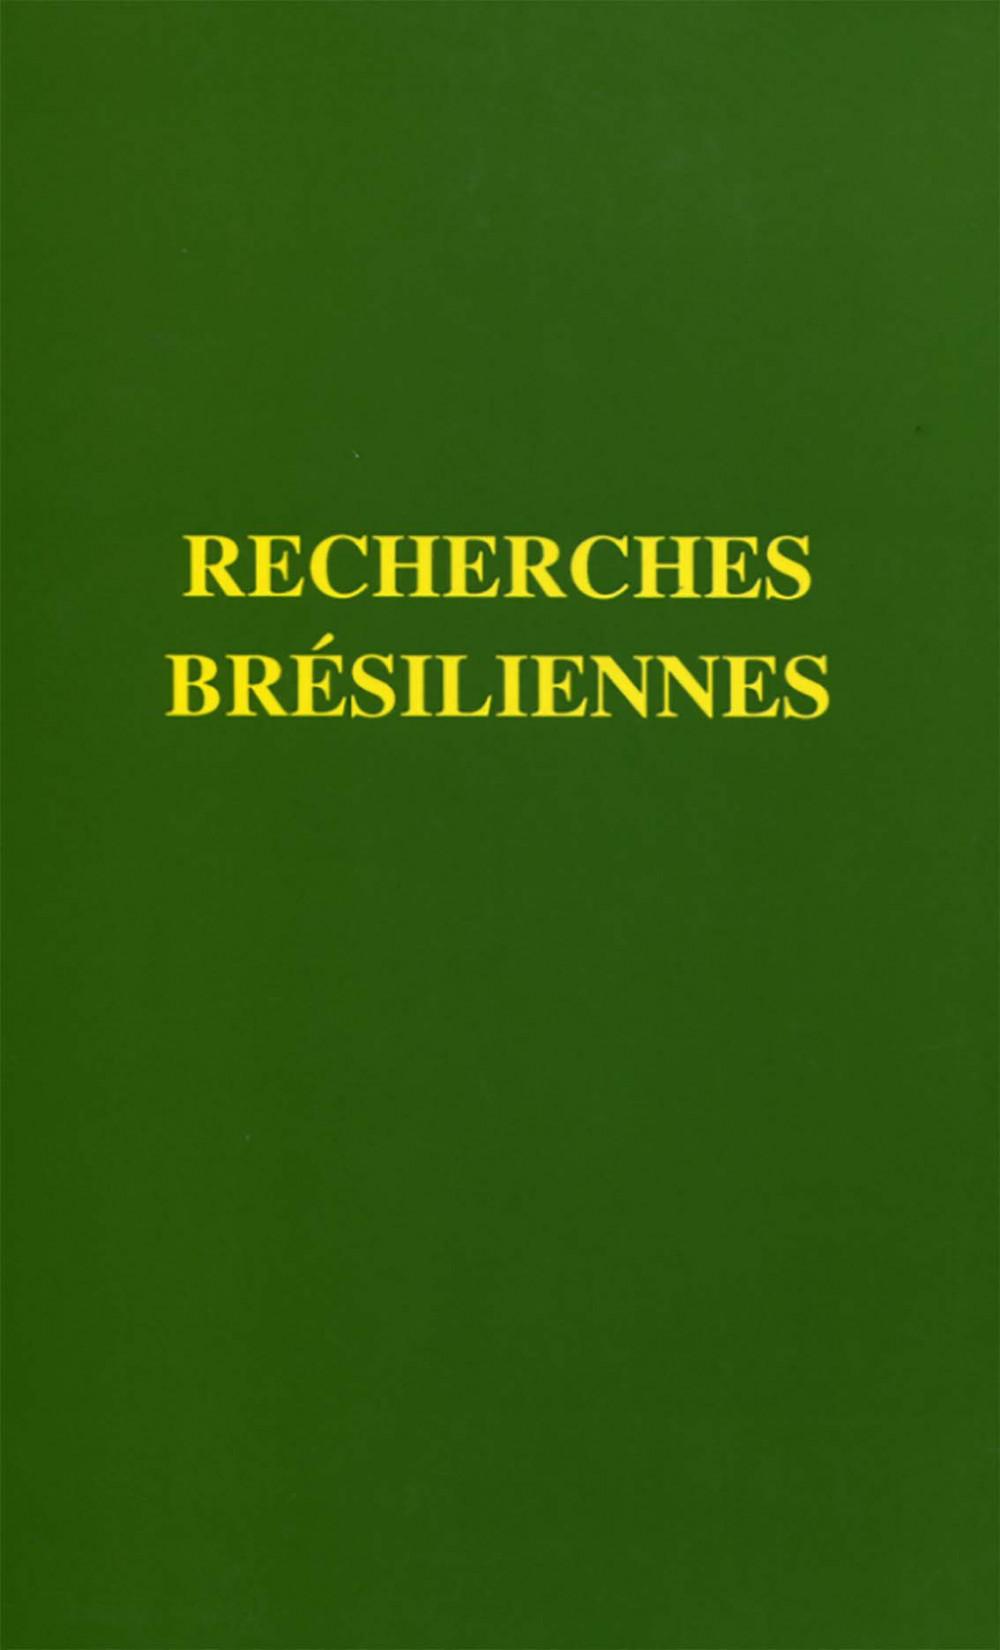 Recherches brésiliennes.<br>Archéologie, histoire ancienne et anthropologie